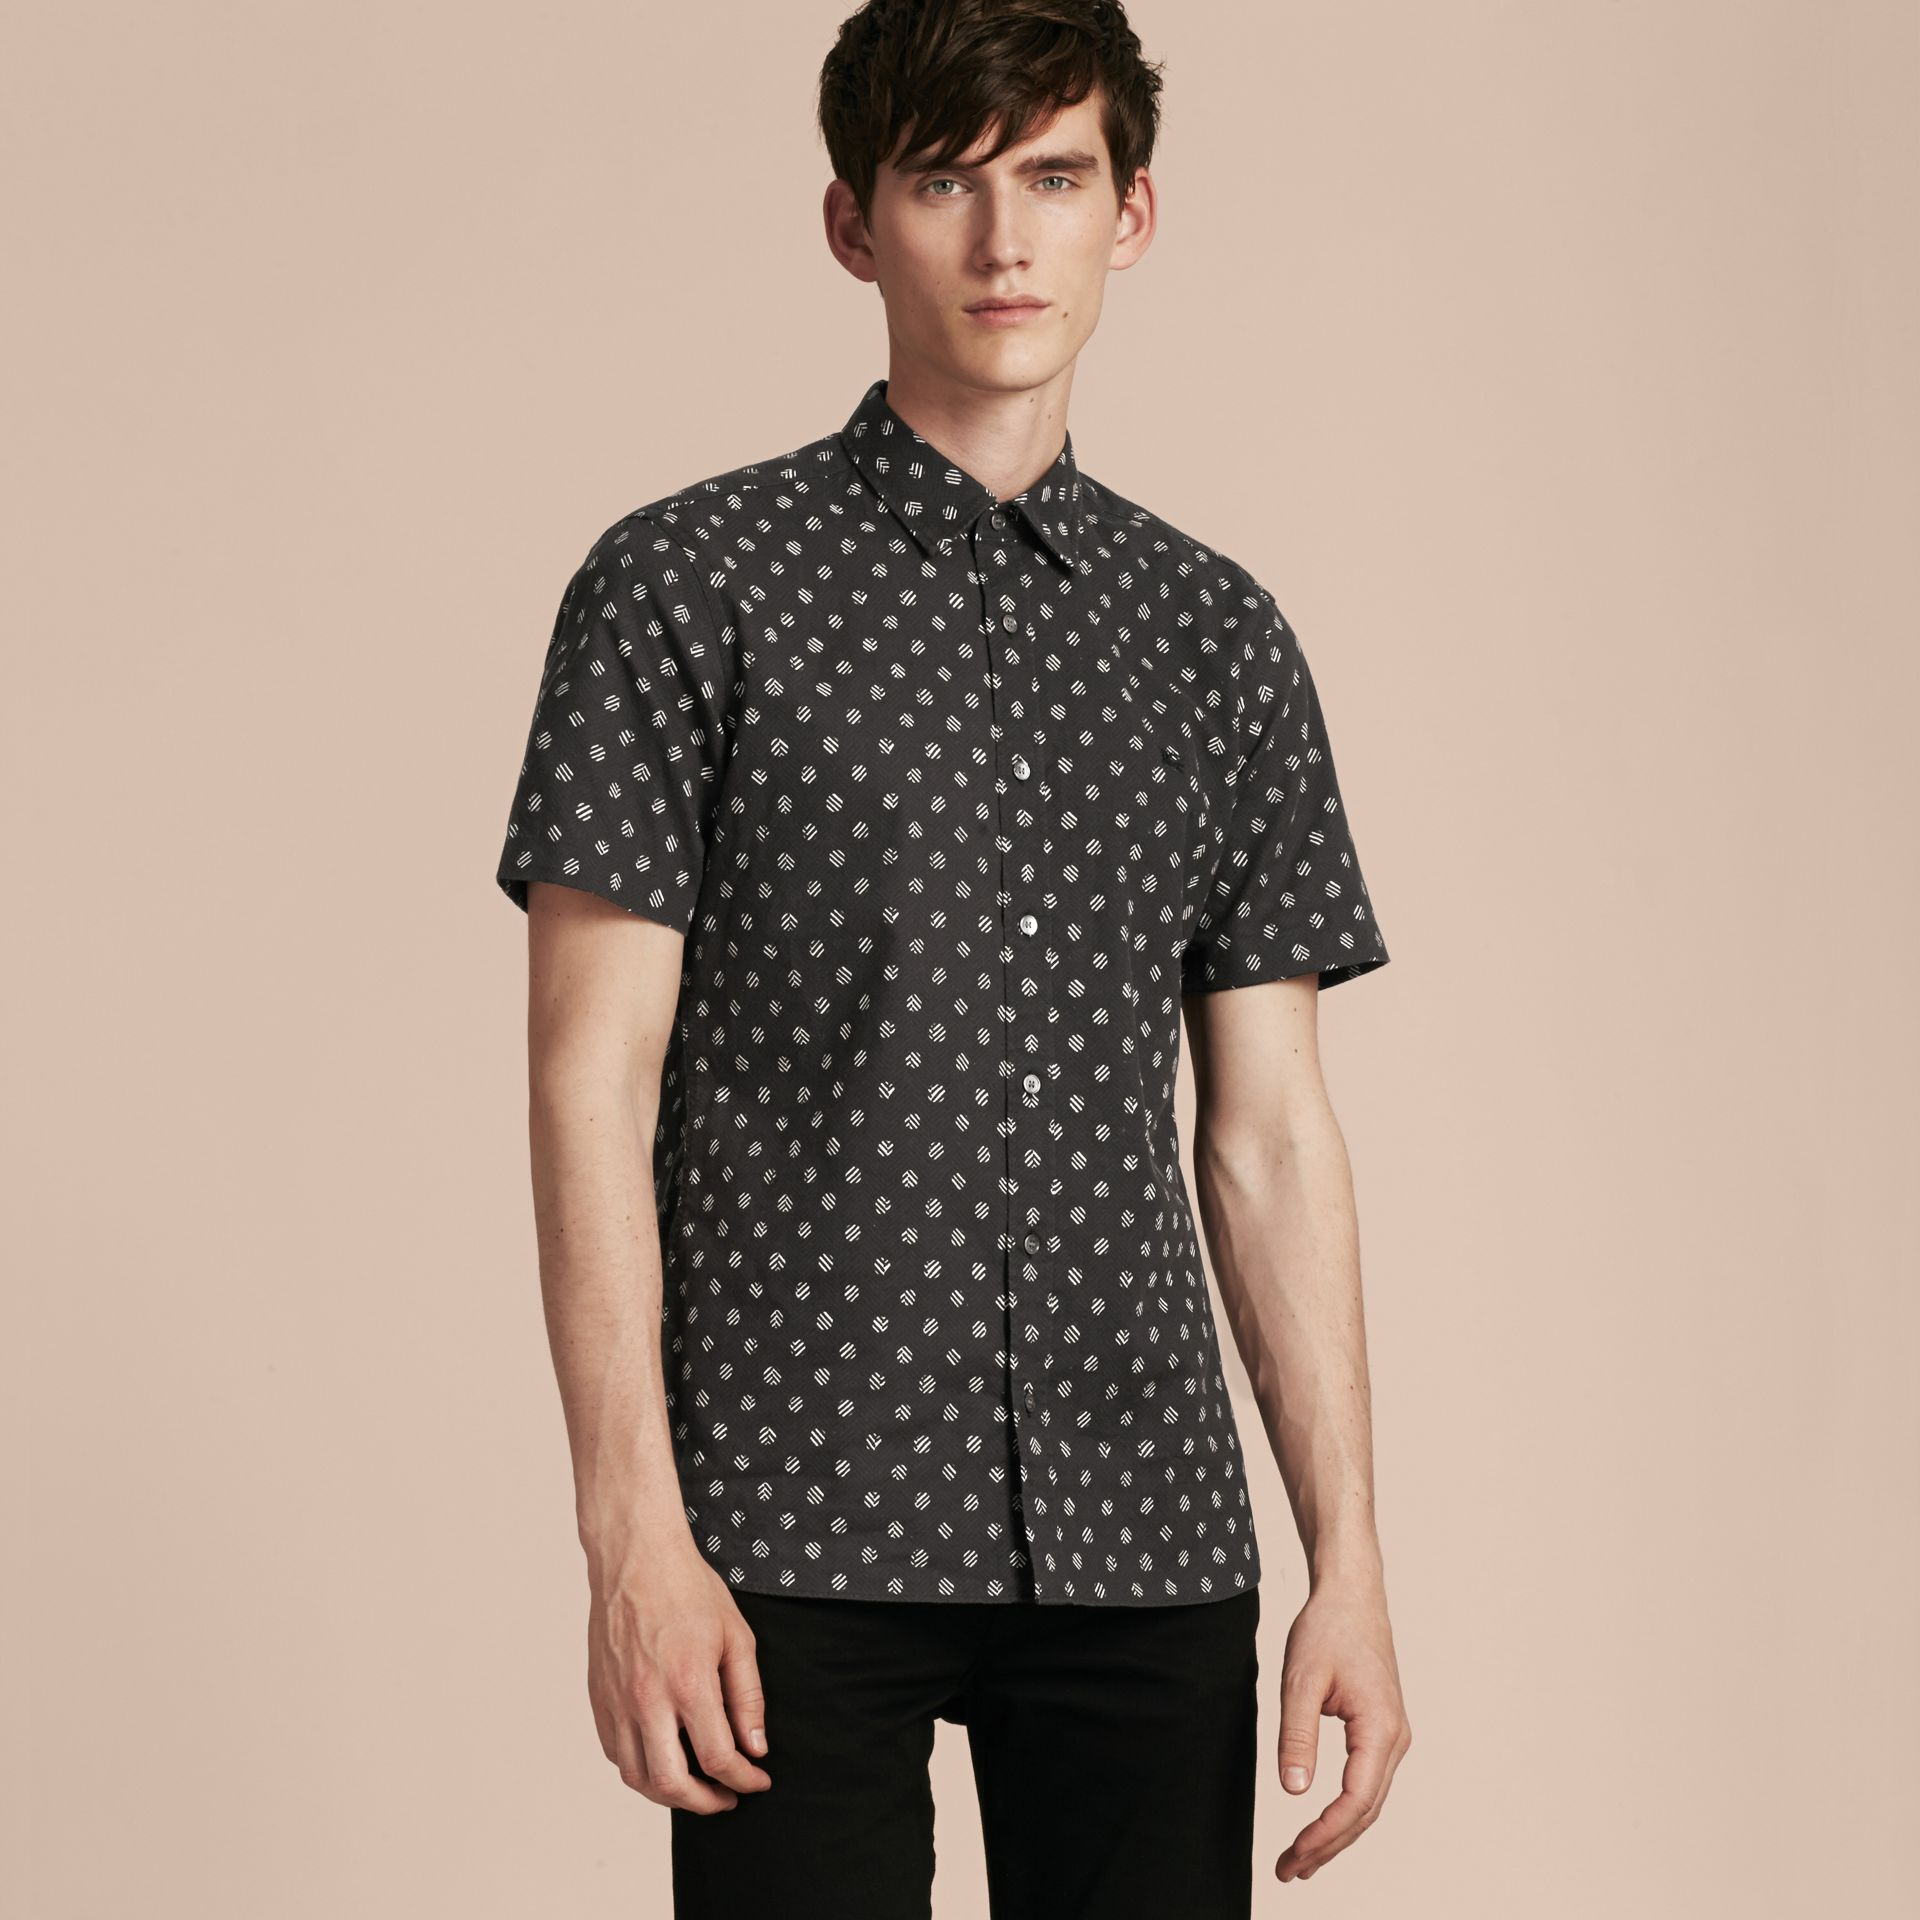 Preto Camisa estampada de linho e algodão com mangas curtas - galeria de imagens 6